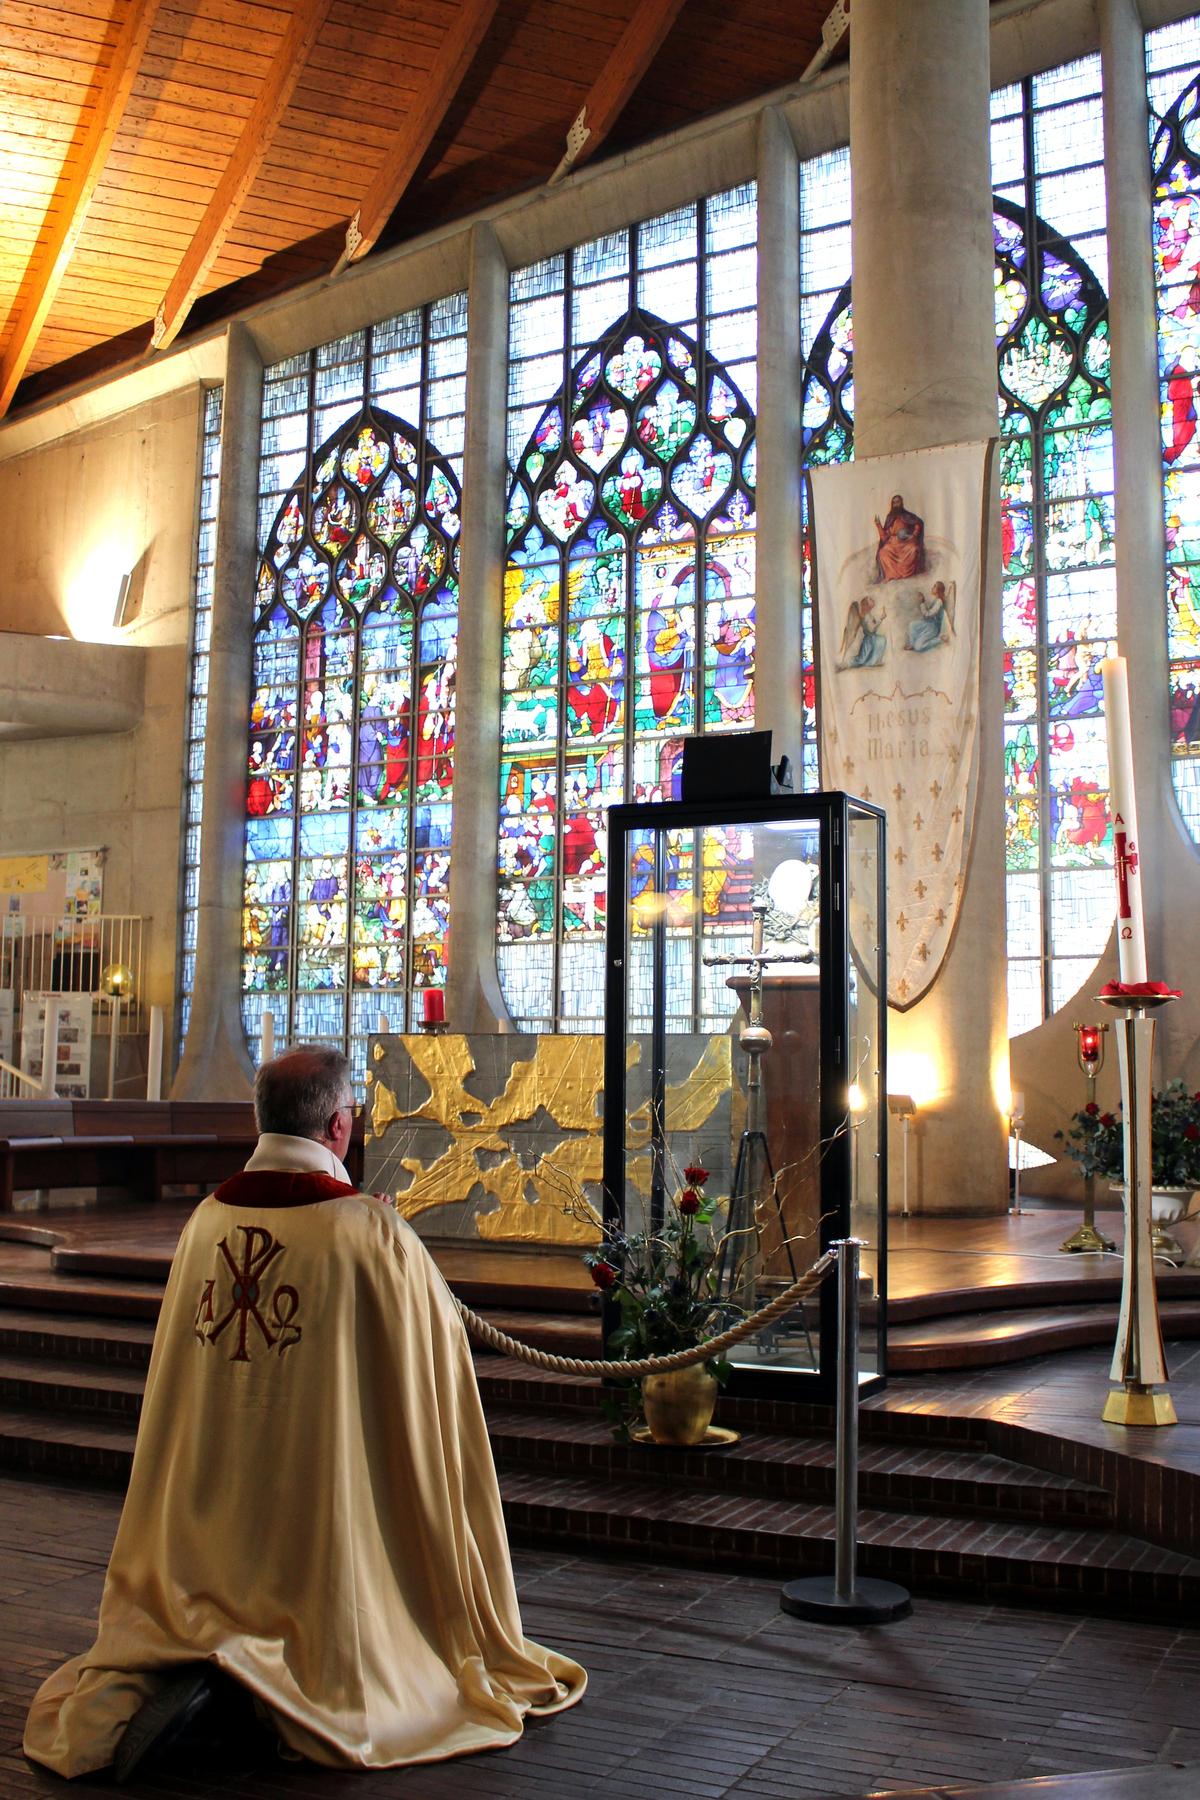 Jeanne d'Arc, la Sainte qui a obéi à Dieu pour sauver la France (Fête le 30 mai) (Vidéo - 3 min + La croix présentée à Jeanne d'Arc sur son bûcher sort de l'oubli) Croix-jeanne-arc-2